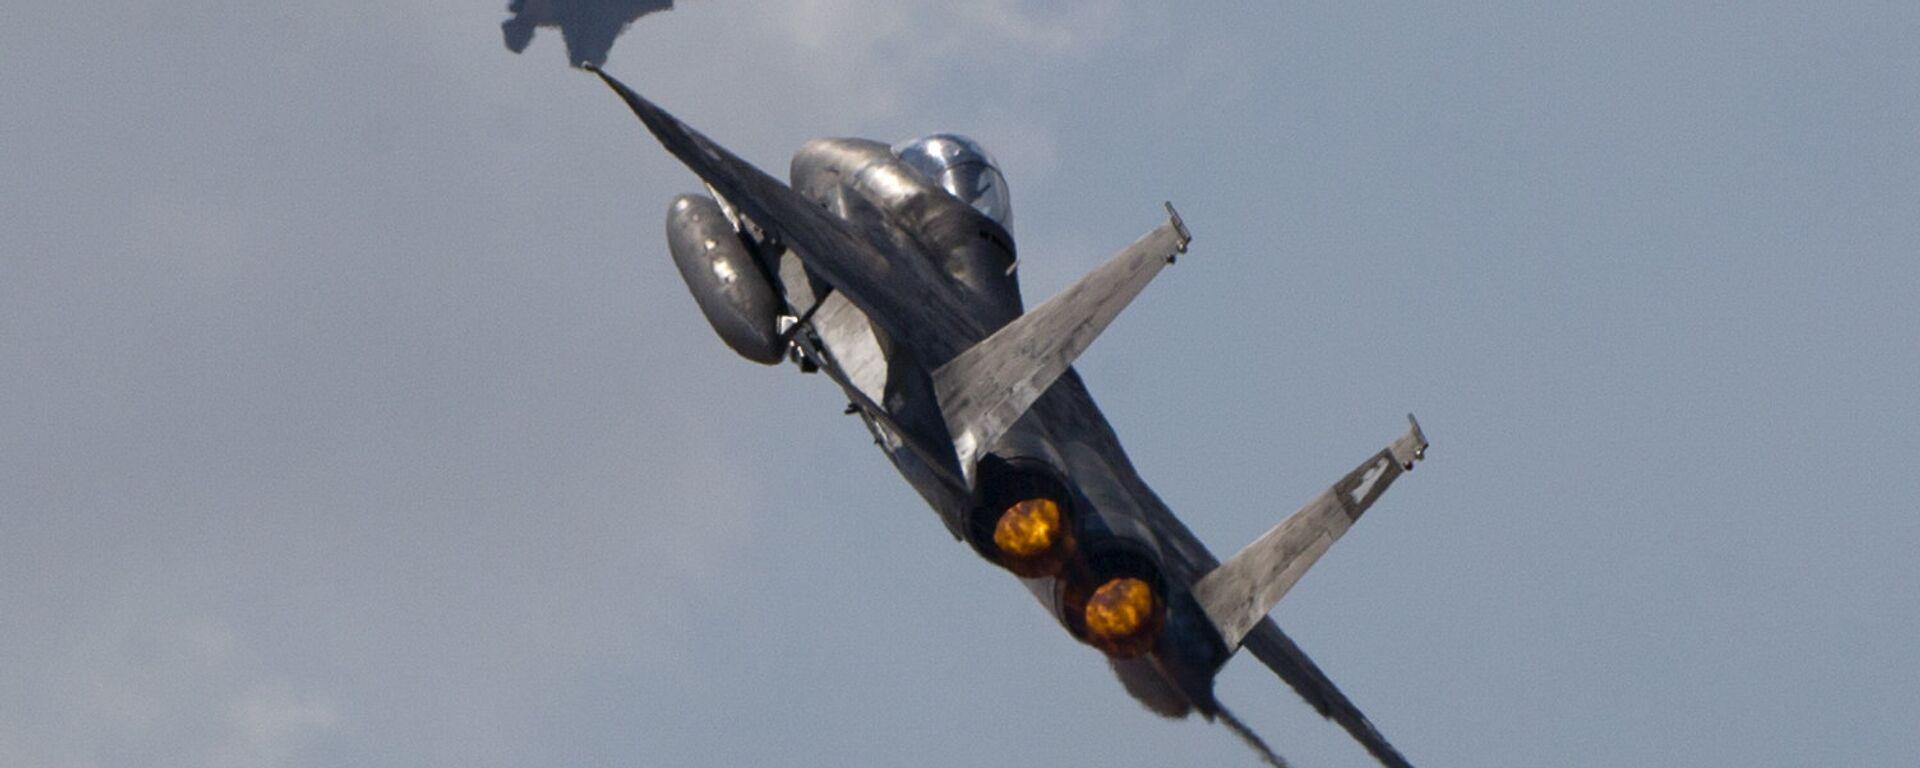 F-15 israele, esercito israele - Sputnik Italia, 1920, 11.05.2021